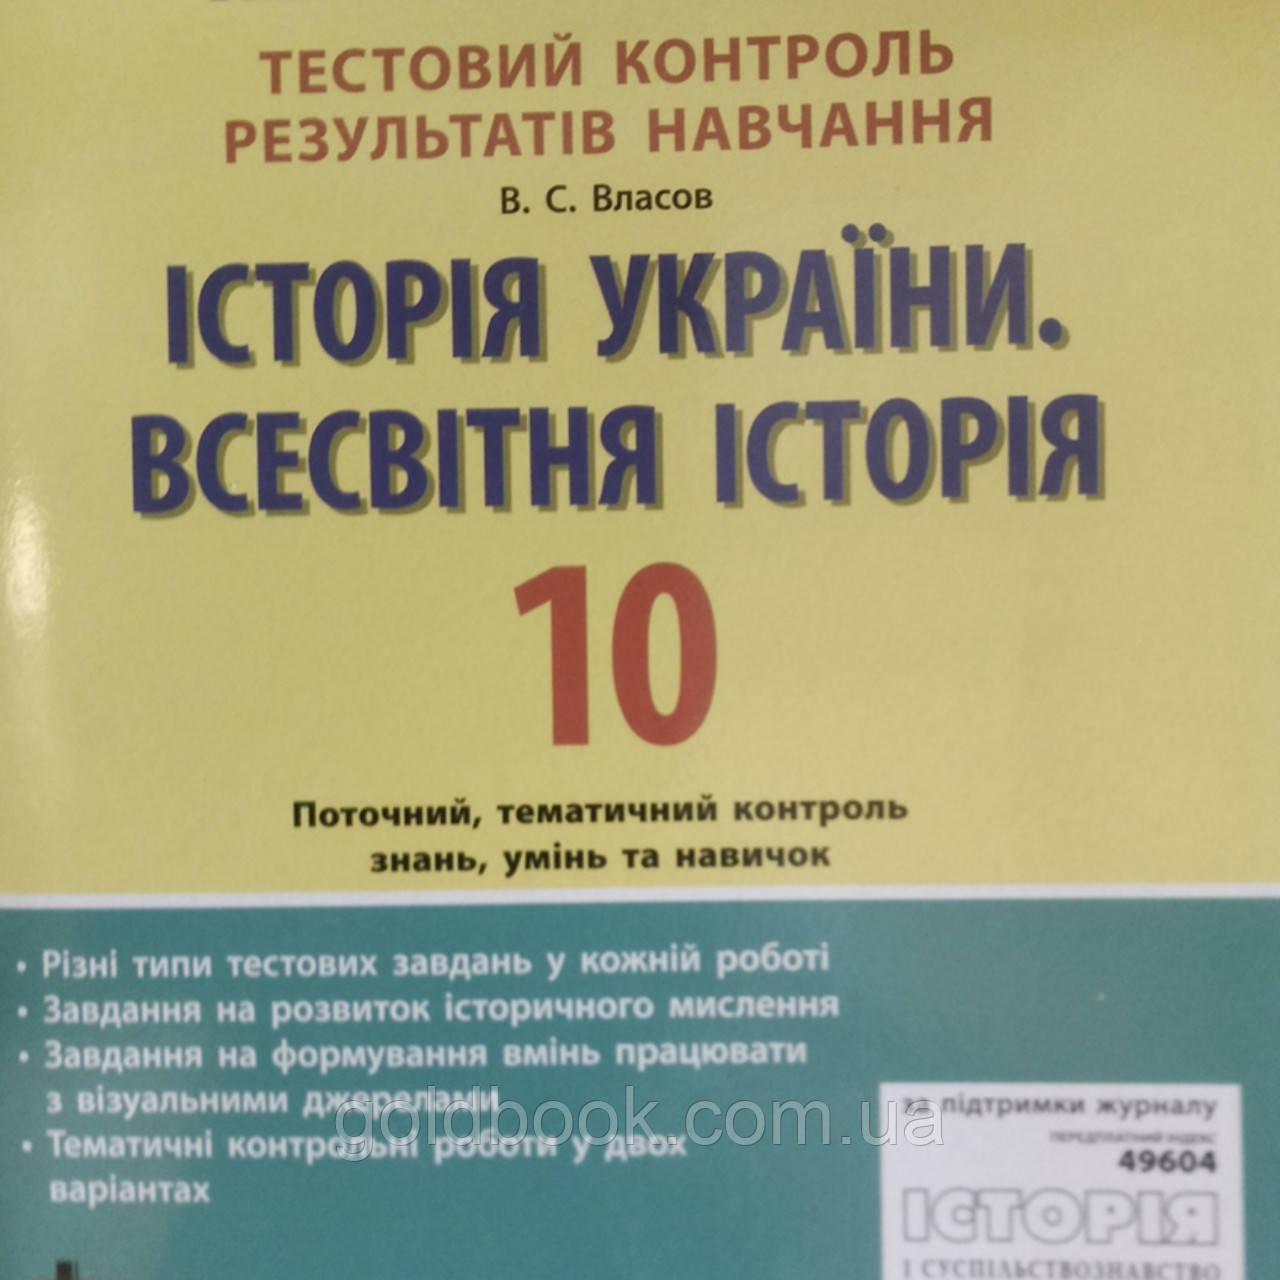 Історія України. Всесвітня історія 10 клас, тестовий контроль результатів навчання.